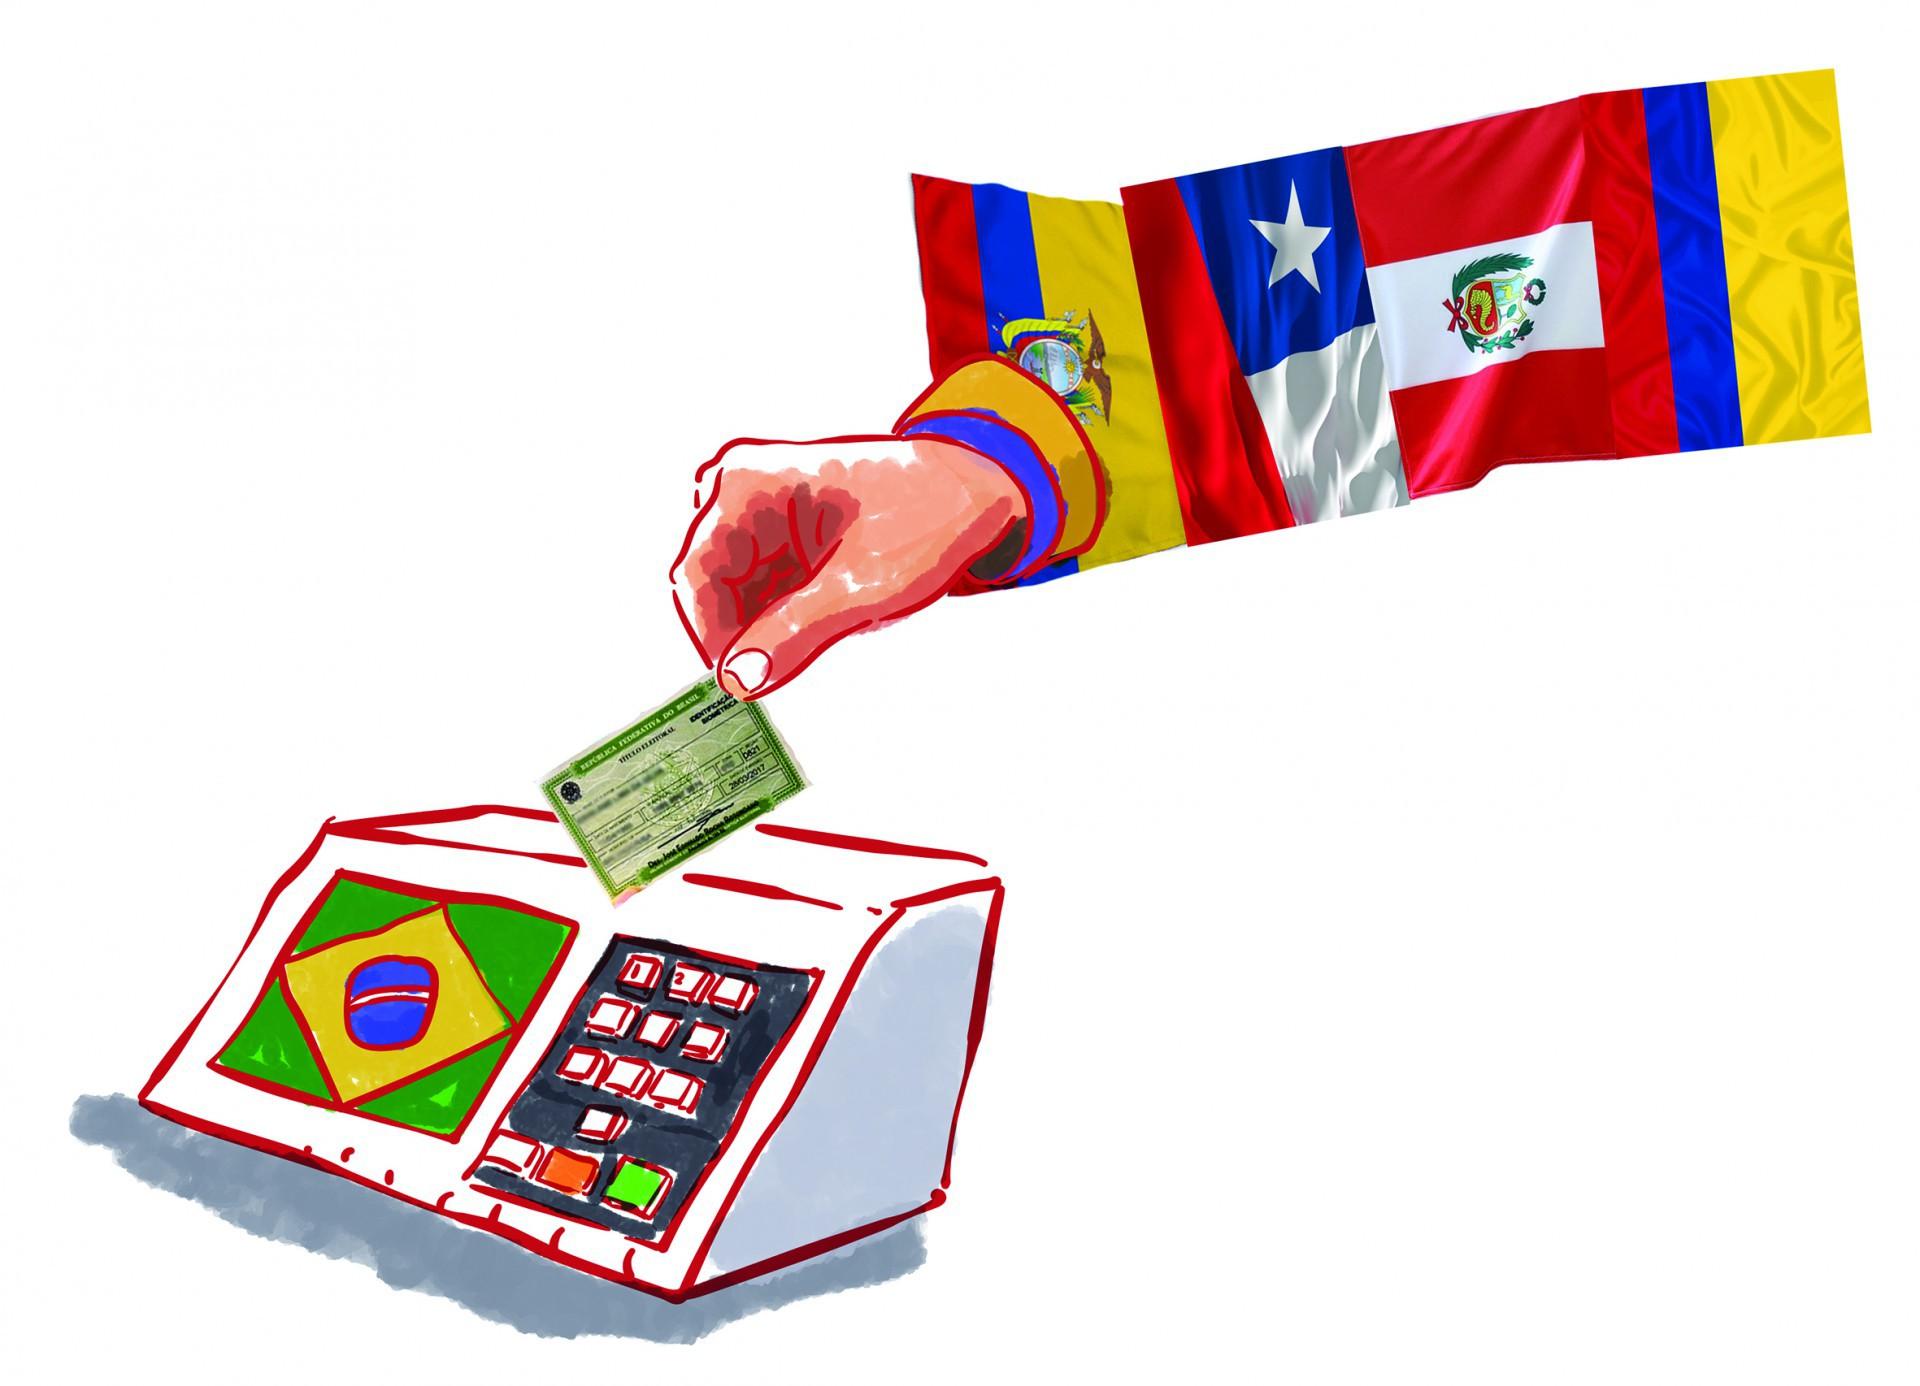 Os contornos do novo mapa político regional